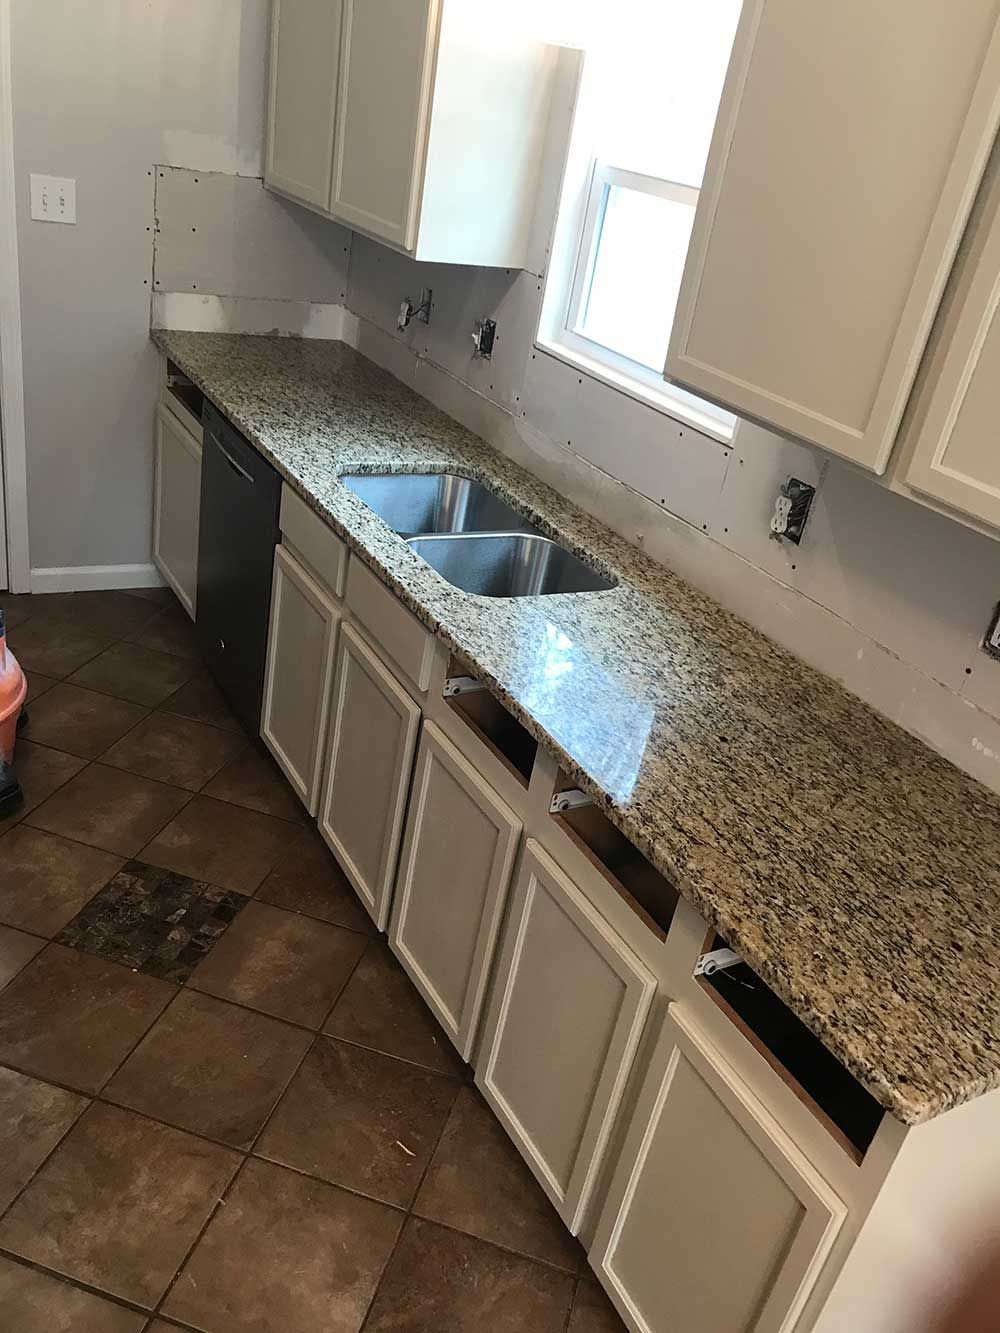 Santa Cecilia classic granite countertops in Gay, GA - After photos